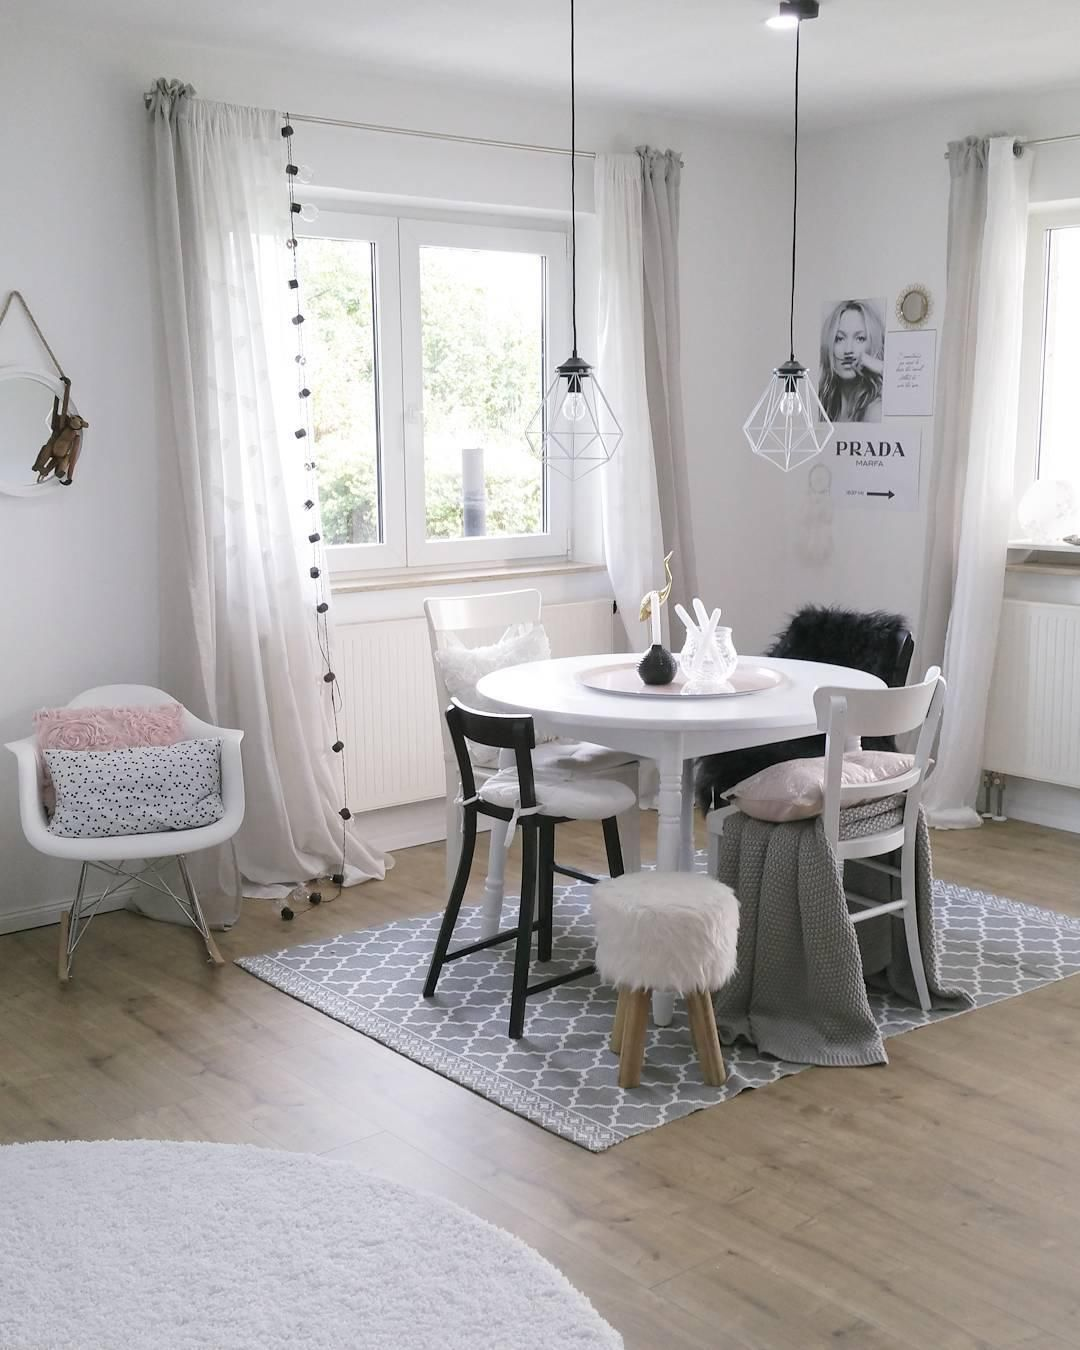 Wundervoll Verschiedene Stühle Mit Skandinavischen Design, Ein Wunderschöner Weißer  Tisch Mit Deko Accessoires Geschmückt Und Pendelleuchten Im Angesagten  Wire Look.